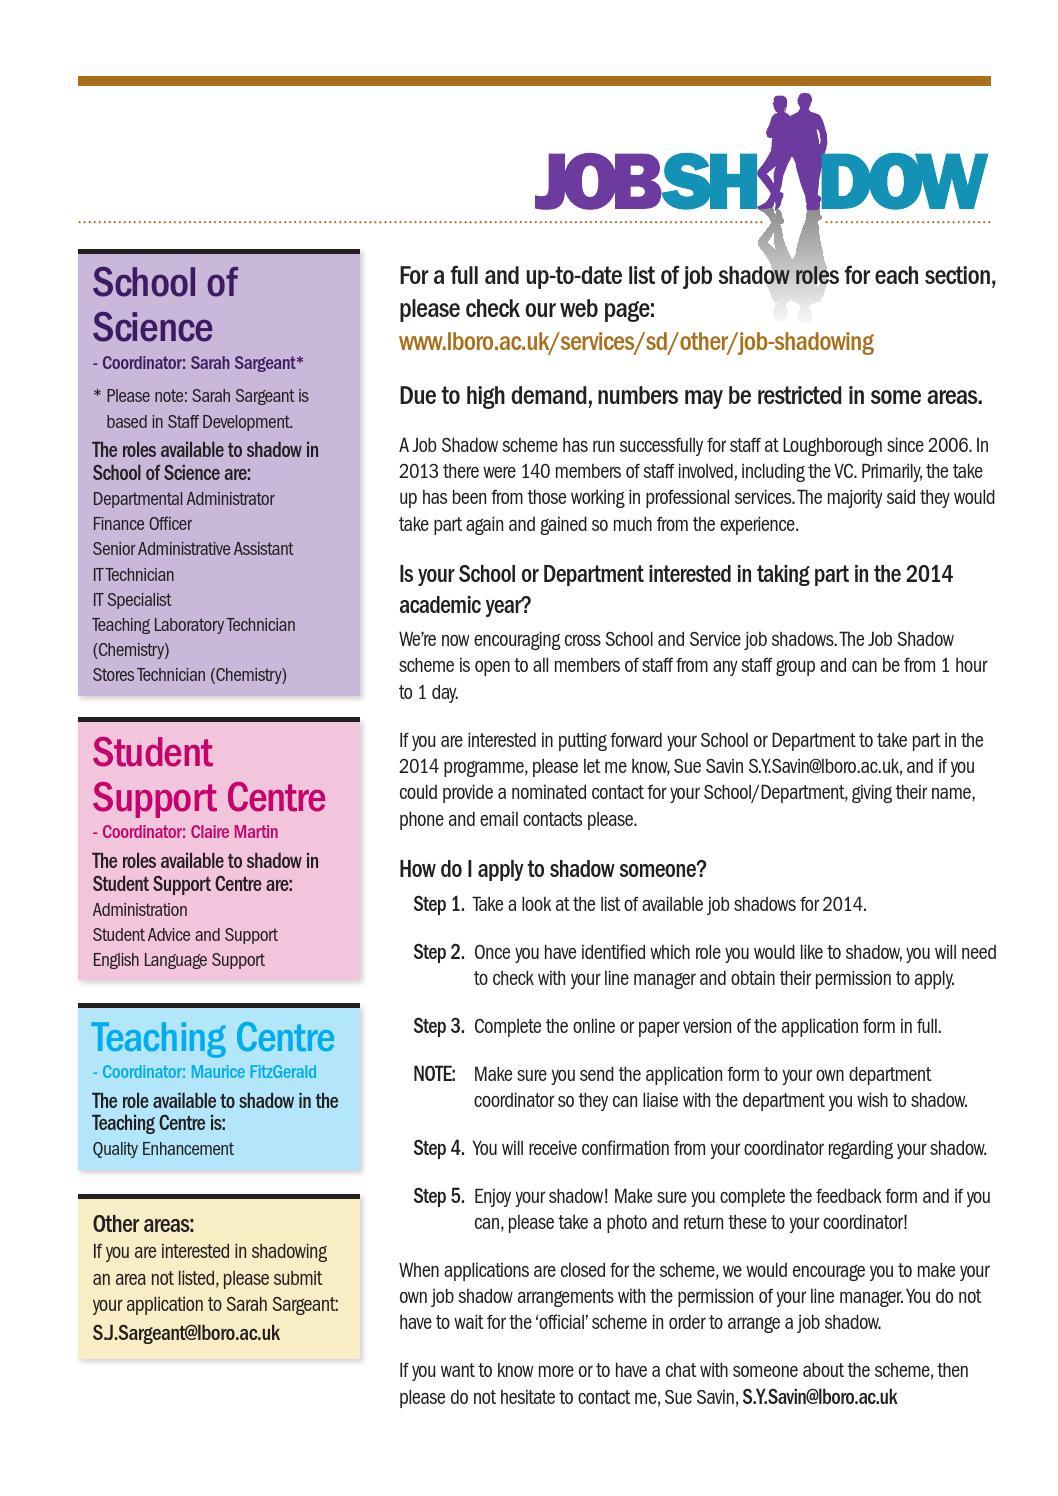 staff development job shadow scheme application form by staff development job shadow scheme application form by loughborough university page 3 issuu